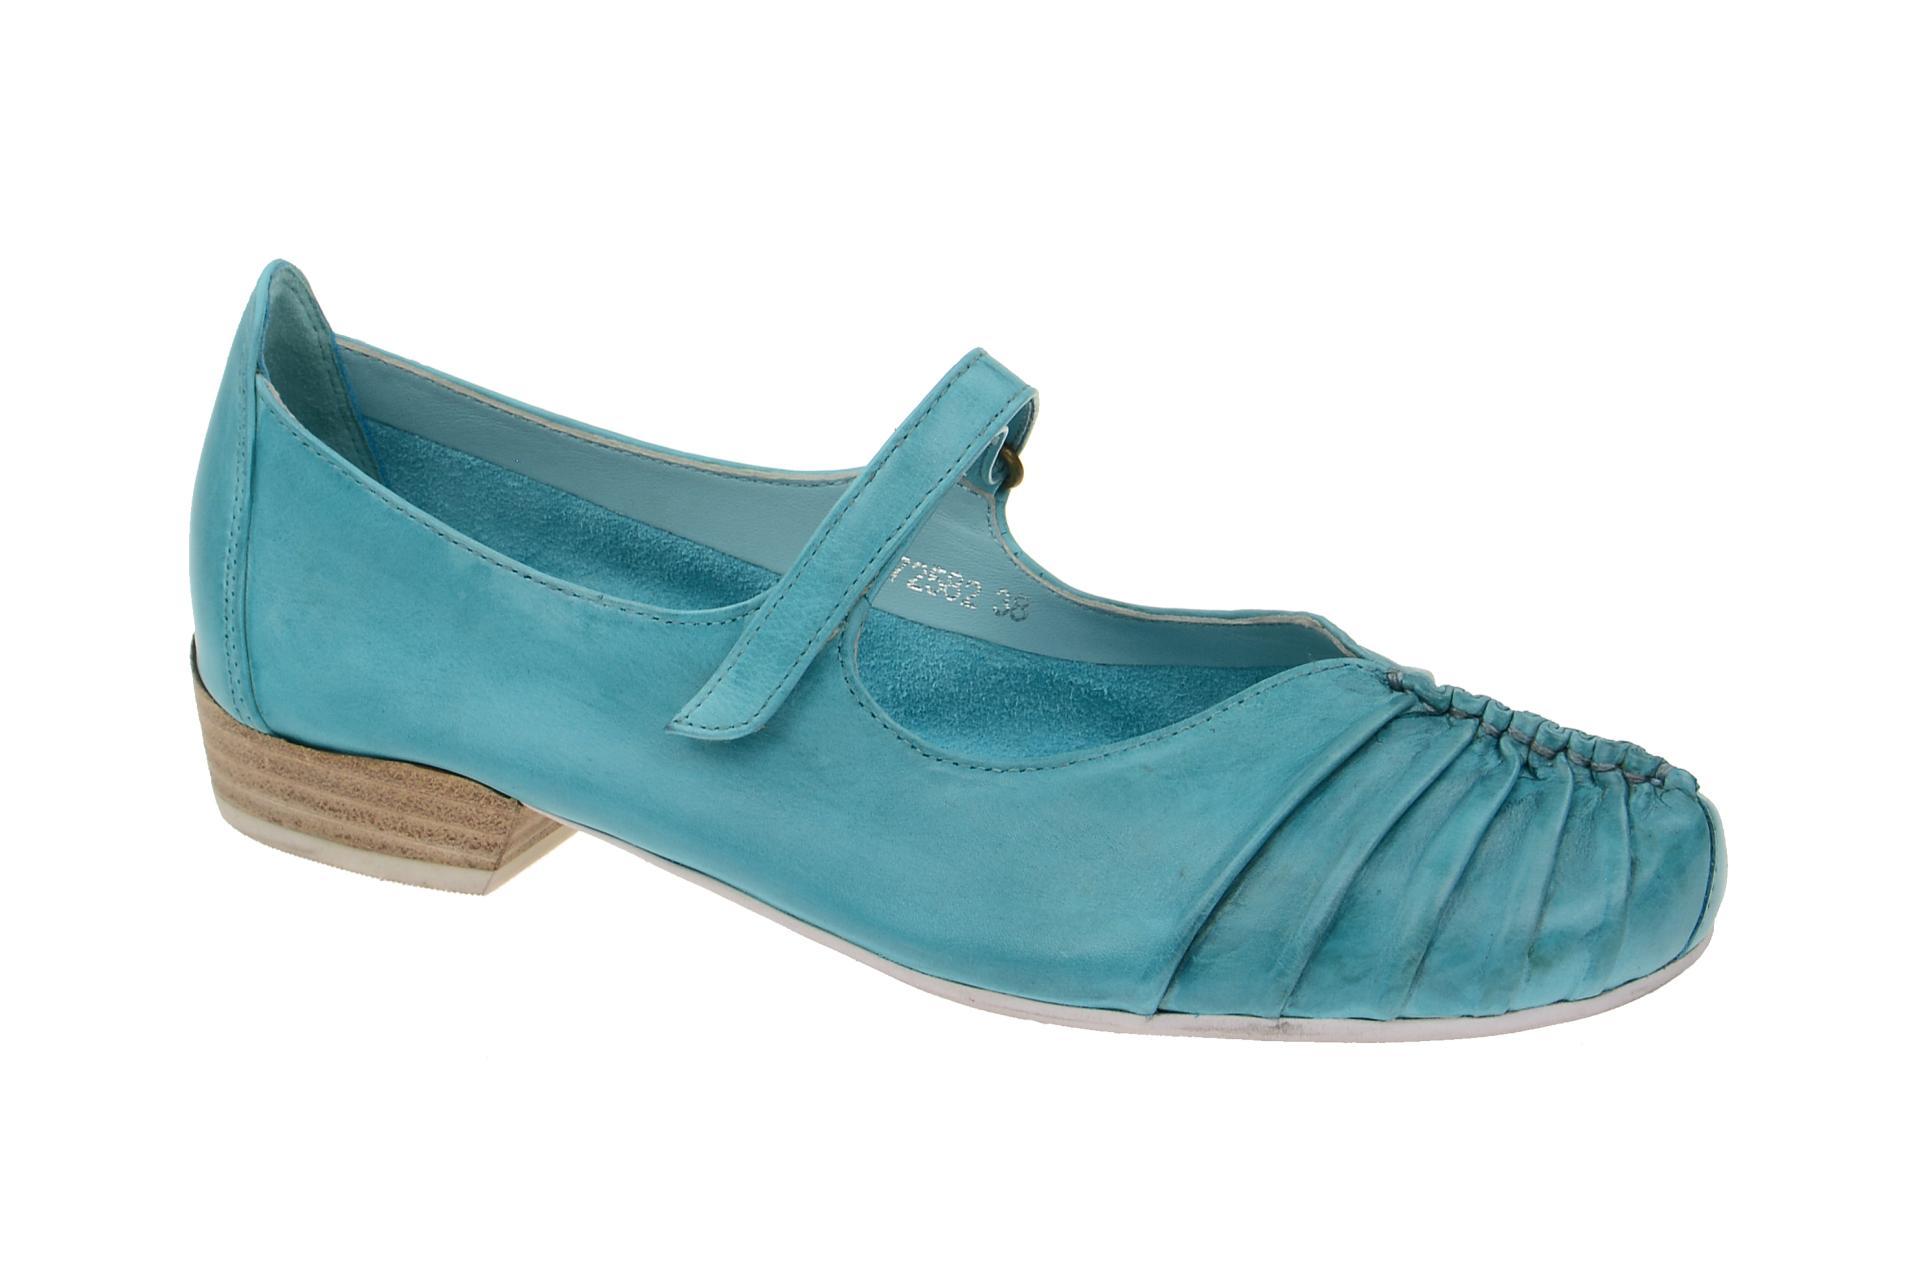 low priced c4185 62216 Everybody Pumps Slipper blau türkis 2296